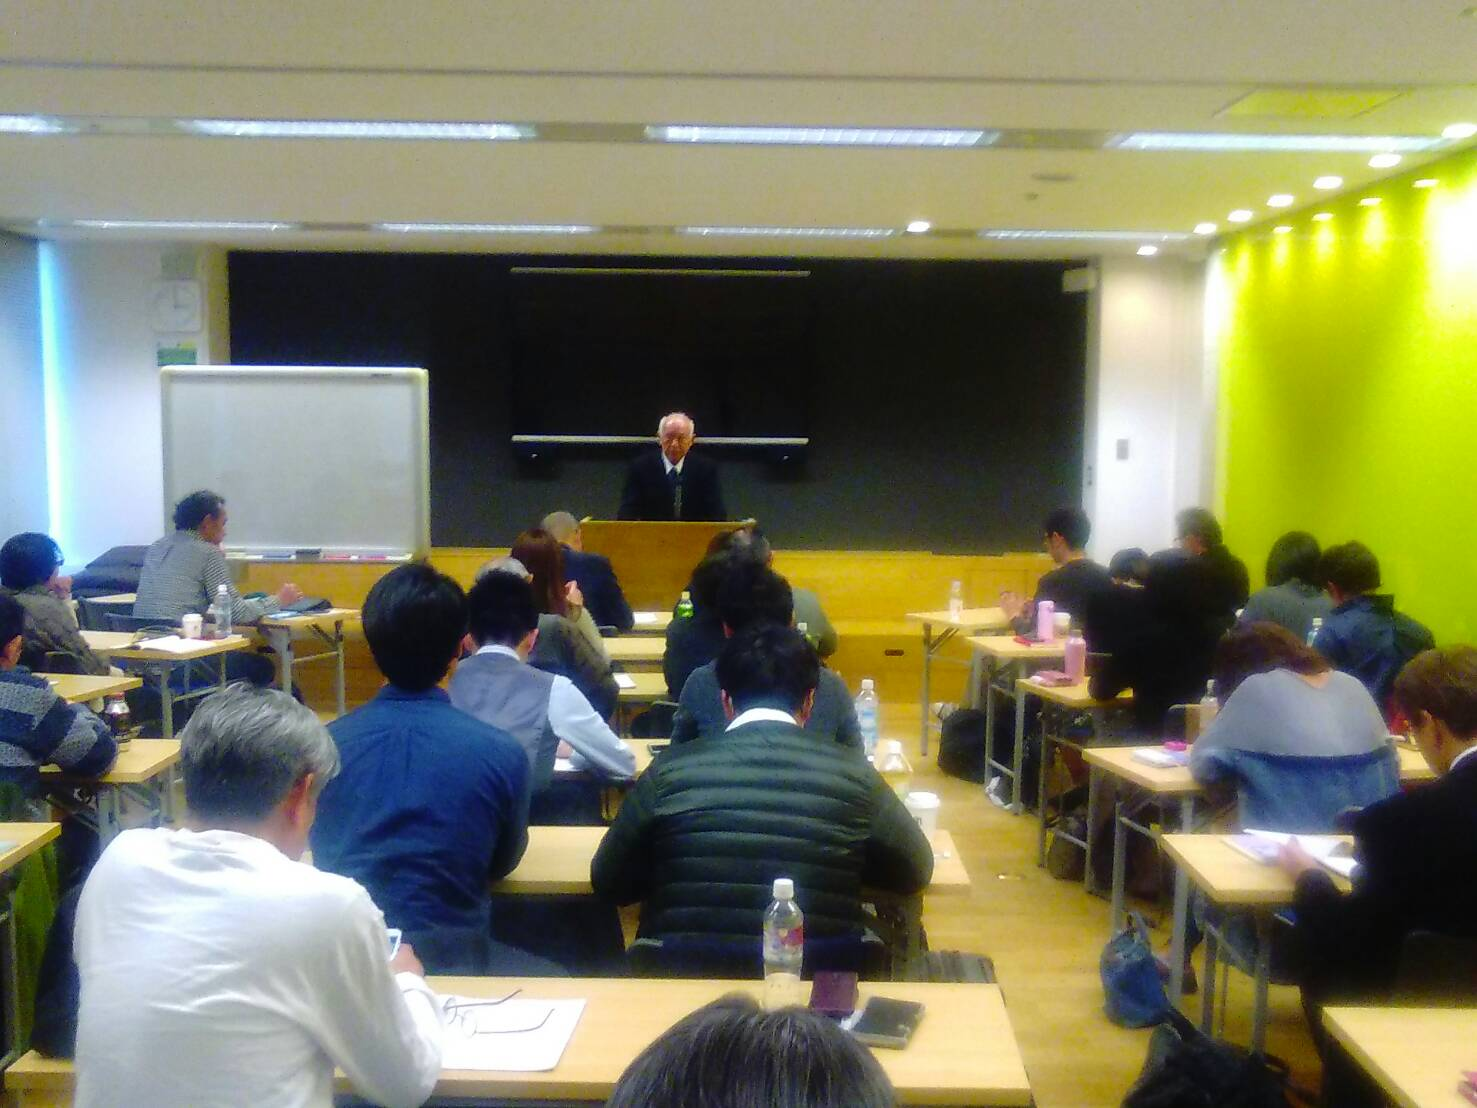 105857 - 2019年2月2日(土)第1回東京思風塾「第二の黎明期を作る問いとは」をテーマに開催